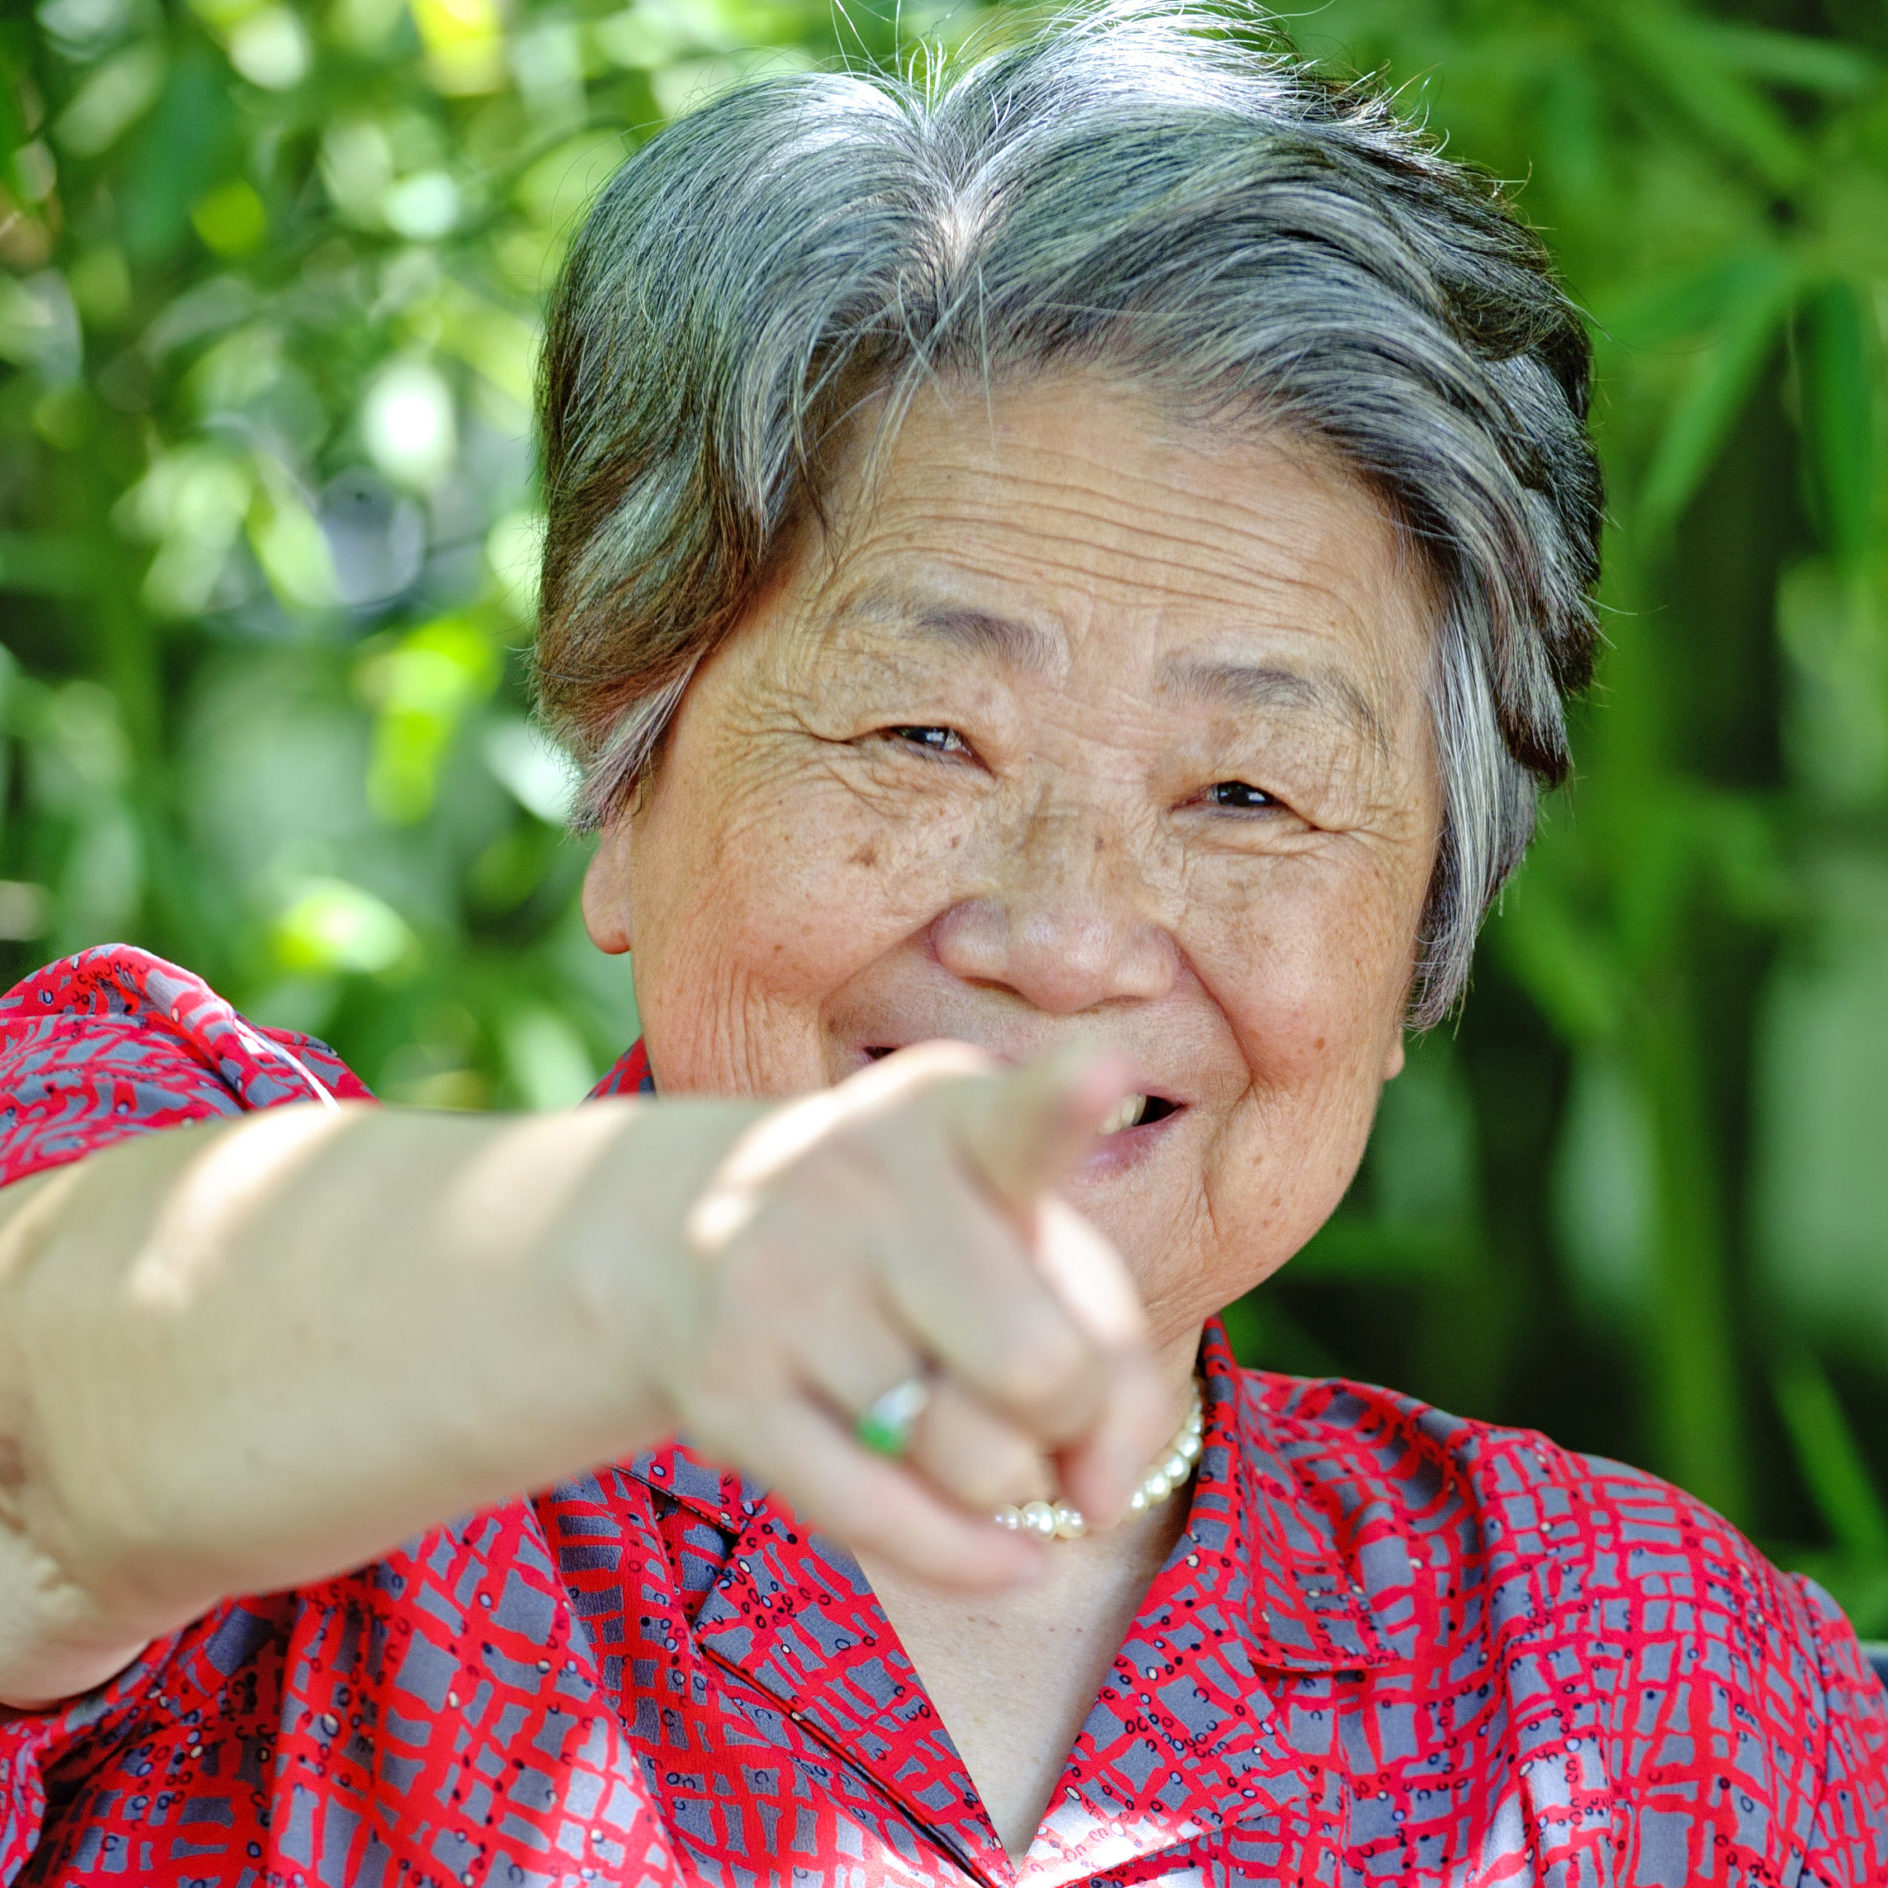 eine alte Frau zeigt mit großem Lachen mit der gestreckten Hand und dem Zeigefinger voll in die Kamera